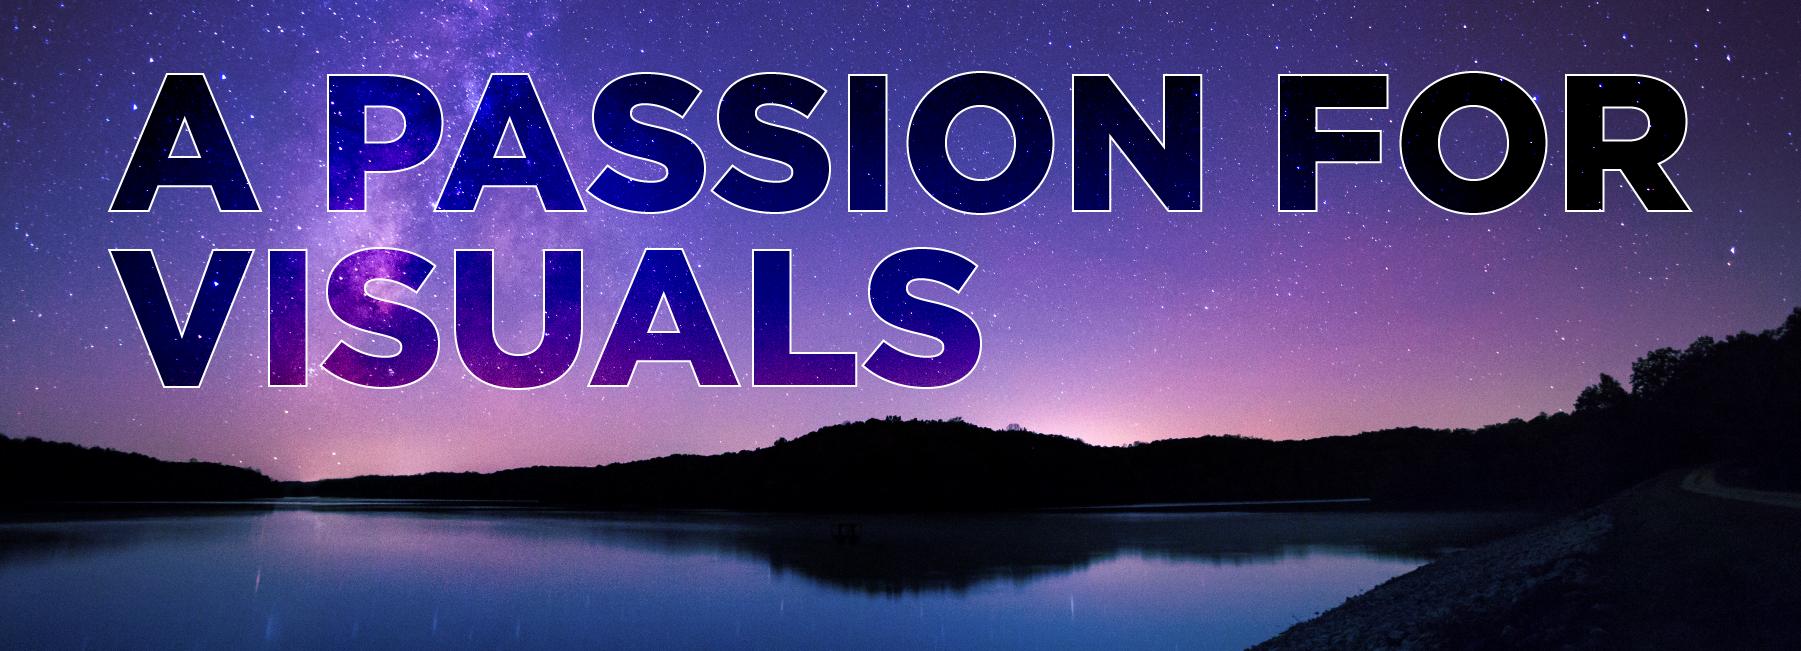 passionforsvisuals-01